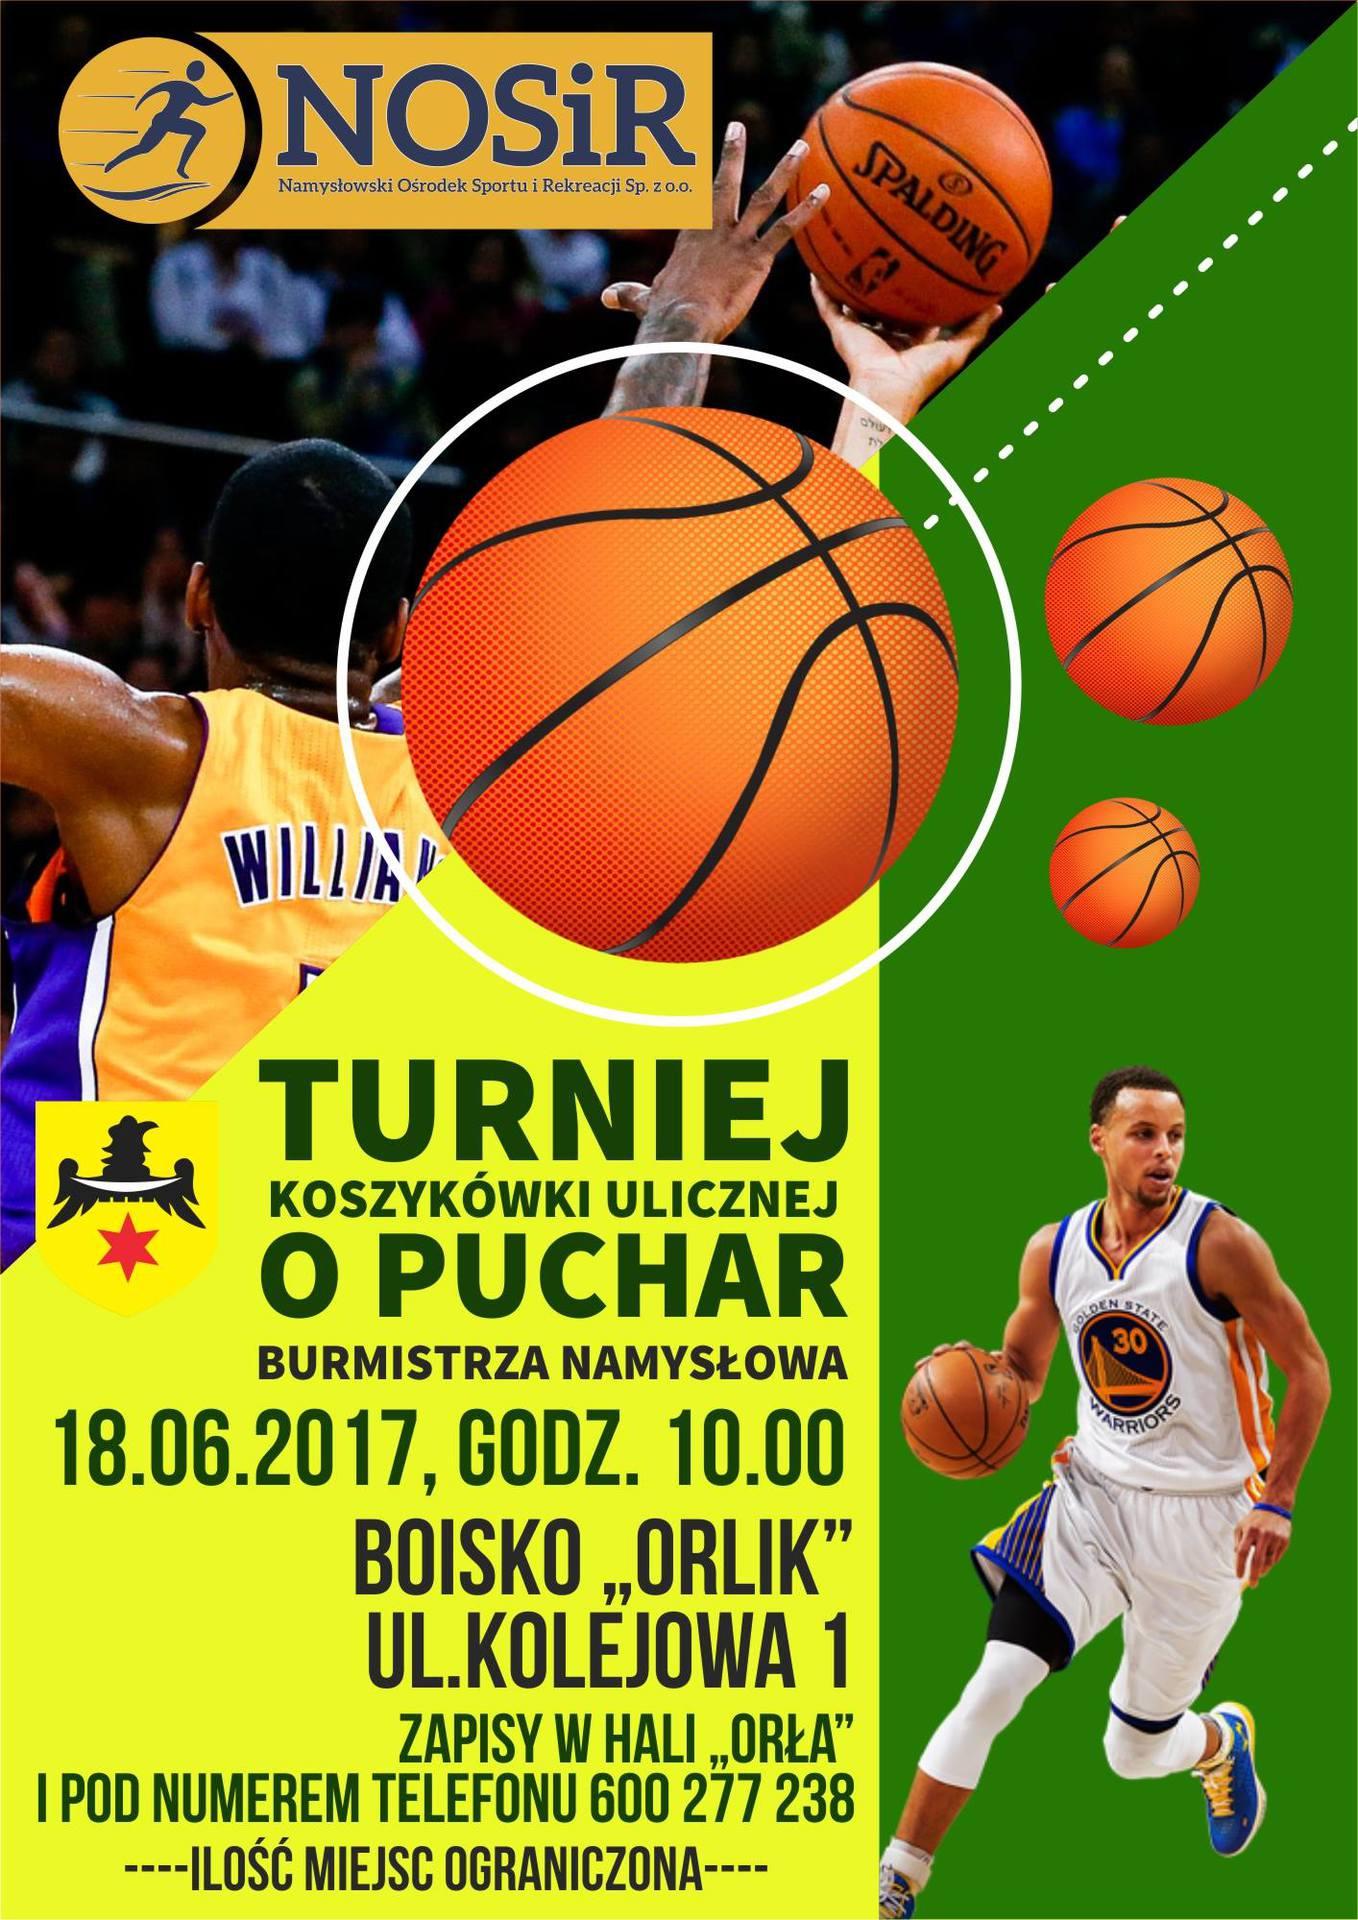 Turniej koszykówki ulicznej o Puchar Burmistrza Namysłowa.jpeg